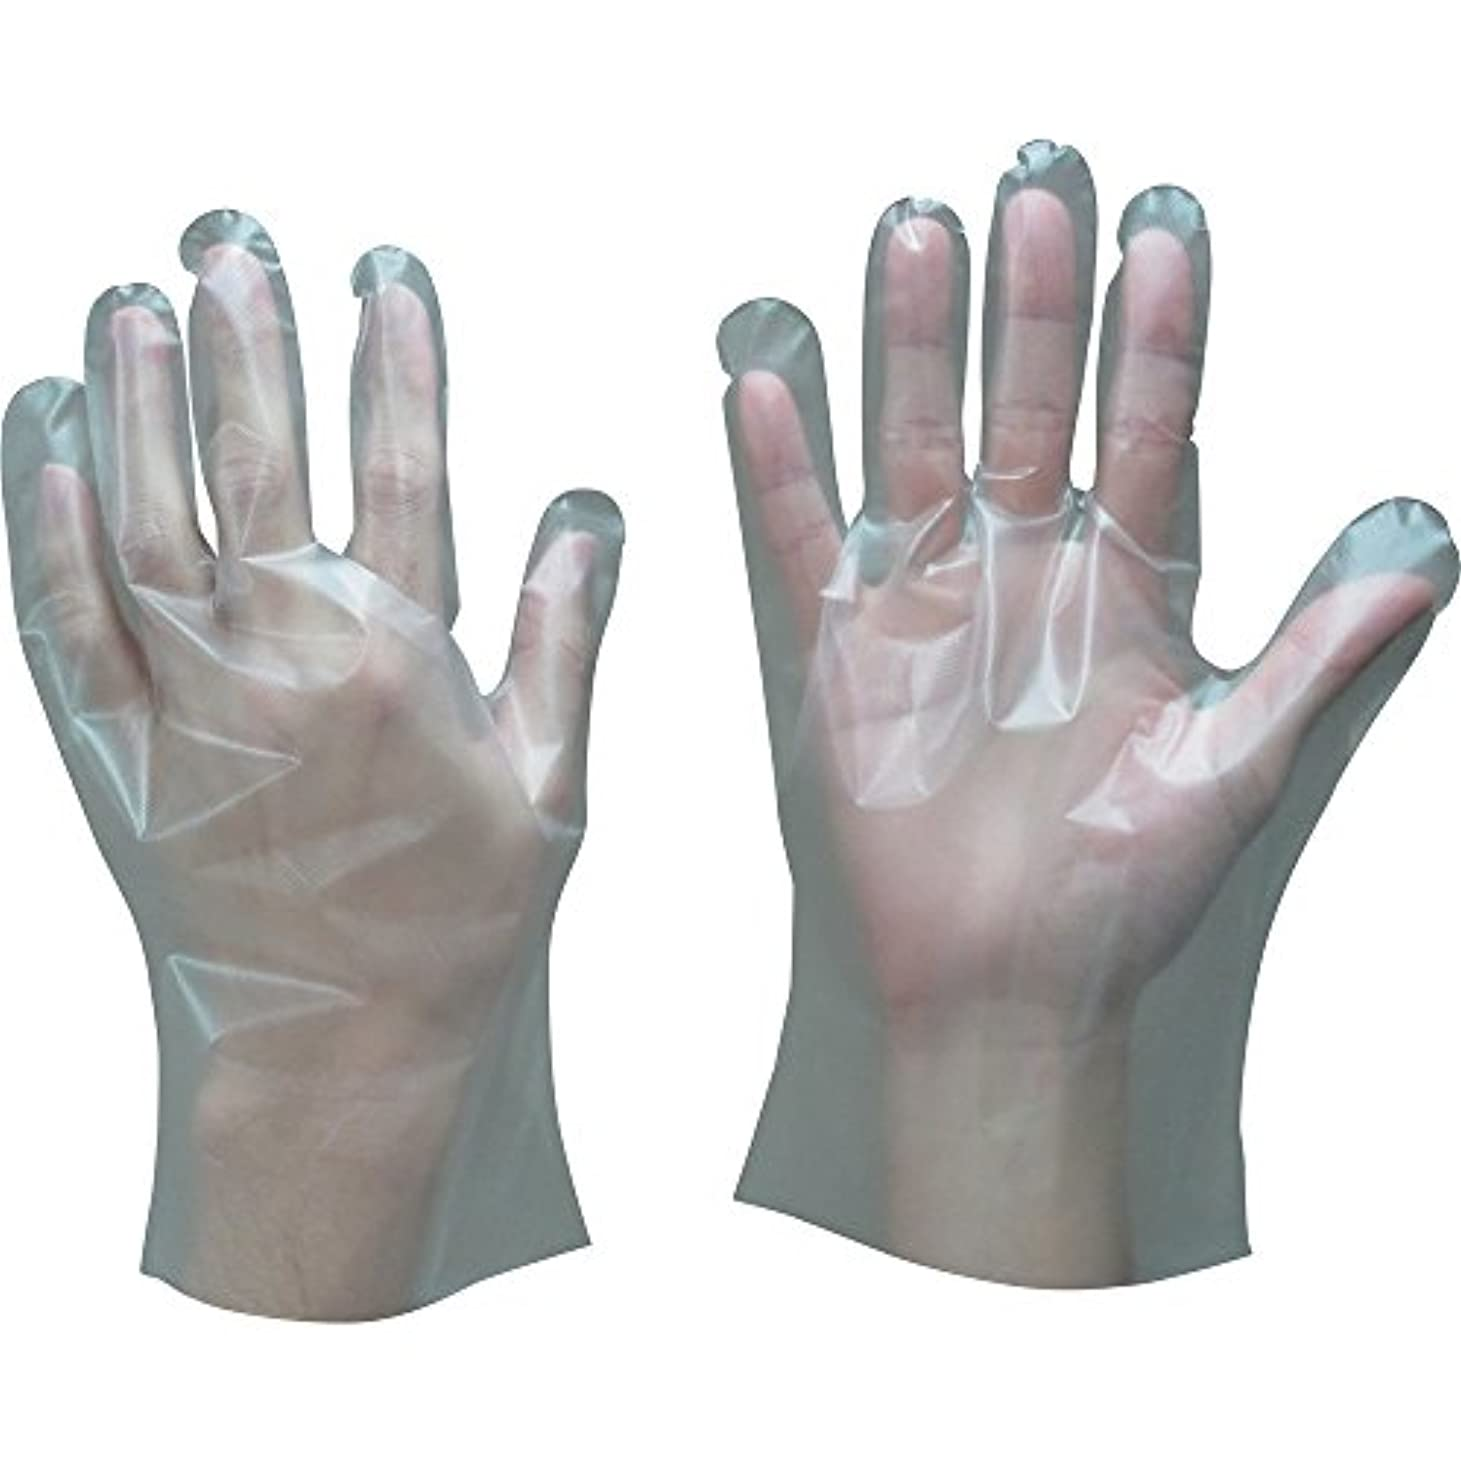 見つけたシステム第東和コーポレーション ポリエチレン手袋 100枚入